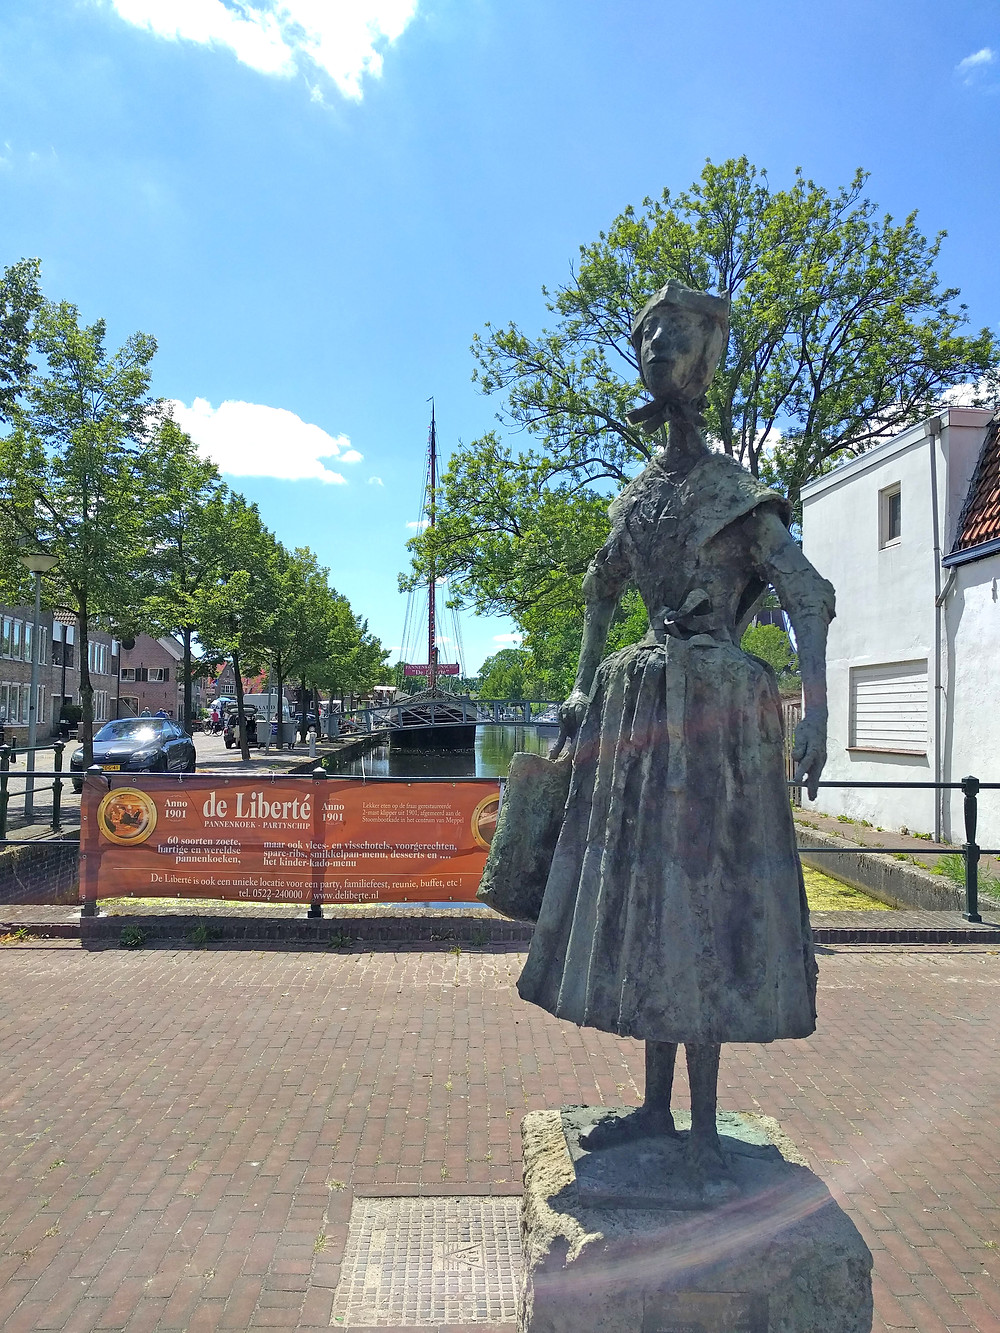 נערה בלבוש מסורתי של הכפר סטפהורסט. הפסל ניצב דווקא במפל